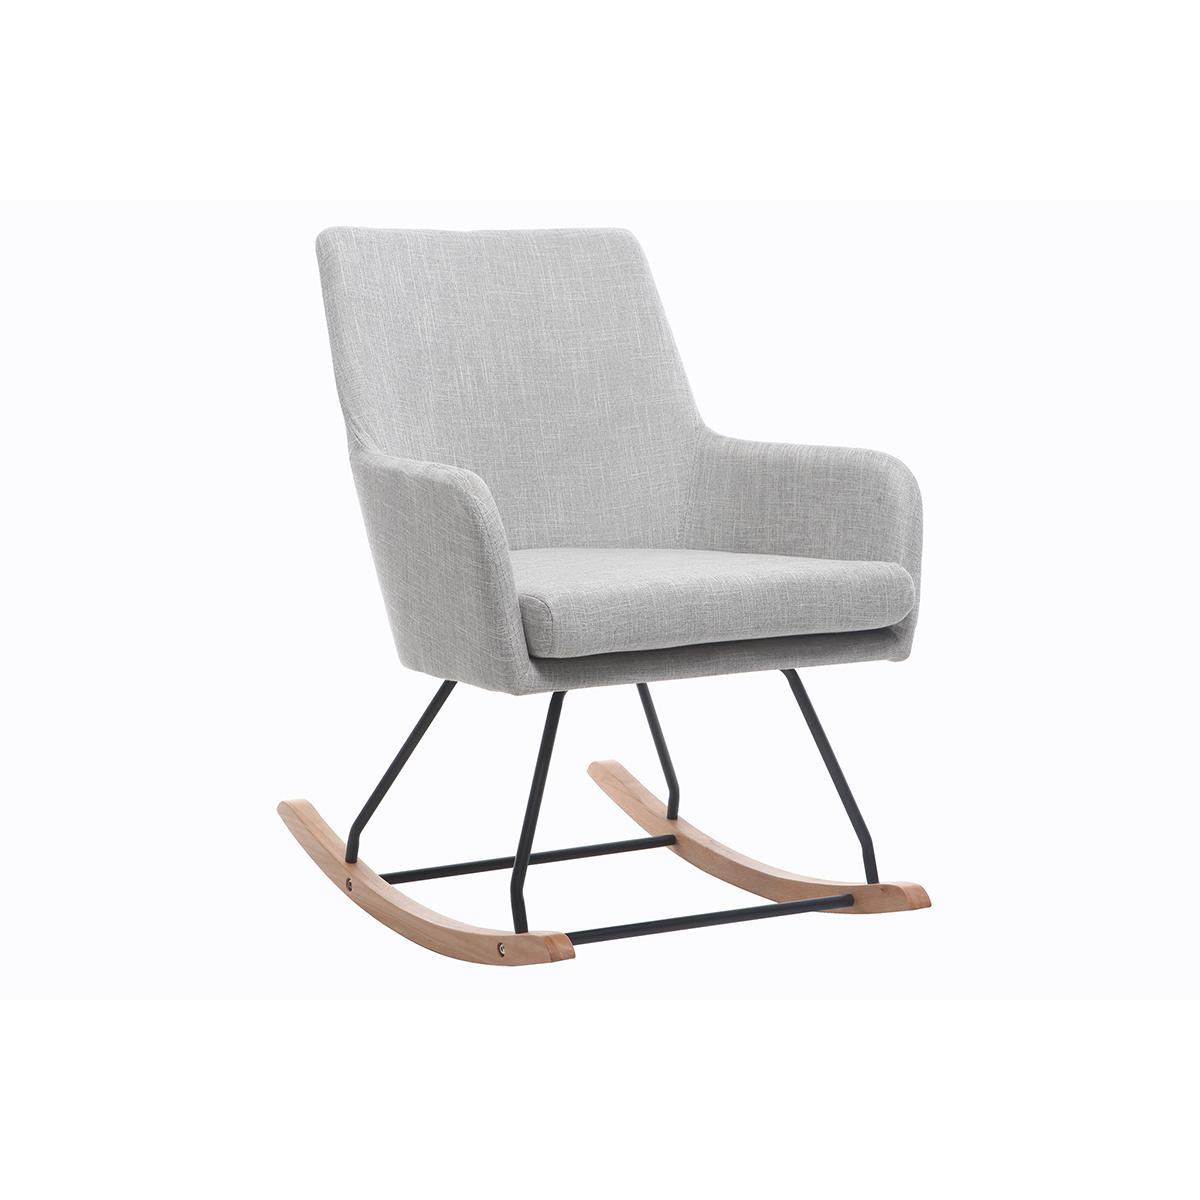 Poltrona - sedia a dondolo design in tessuto Grigio chiaro SHANA